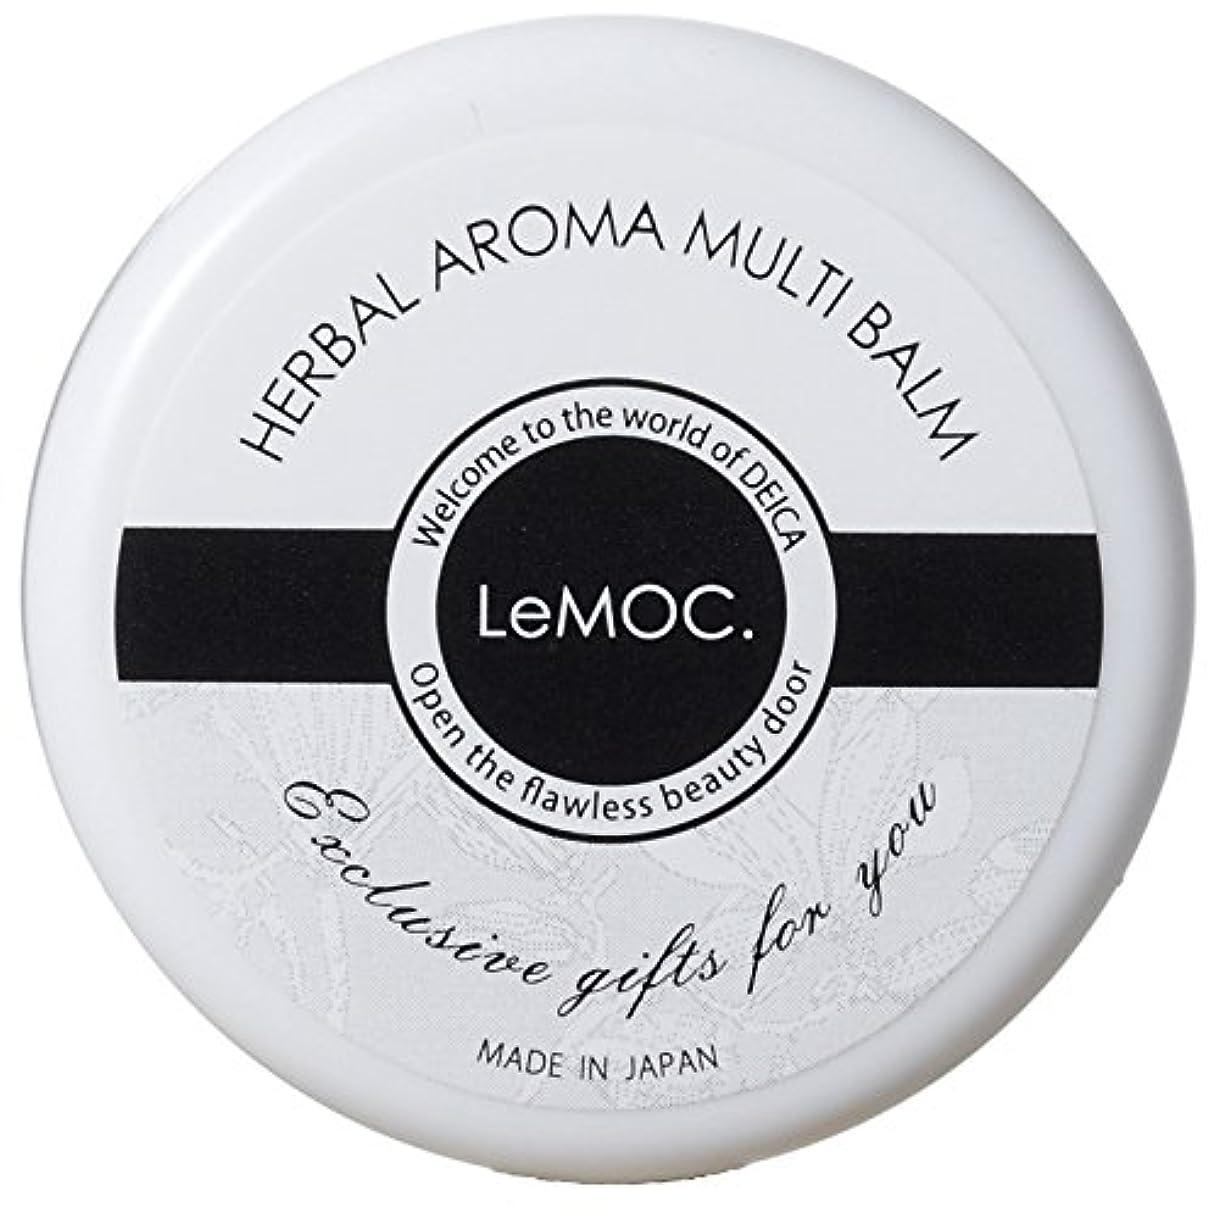 変わるもし引退するルモック.(LeMOC.) ハーバルアロマ マルチバーム 15g(全身用保湿バーム)